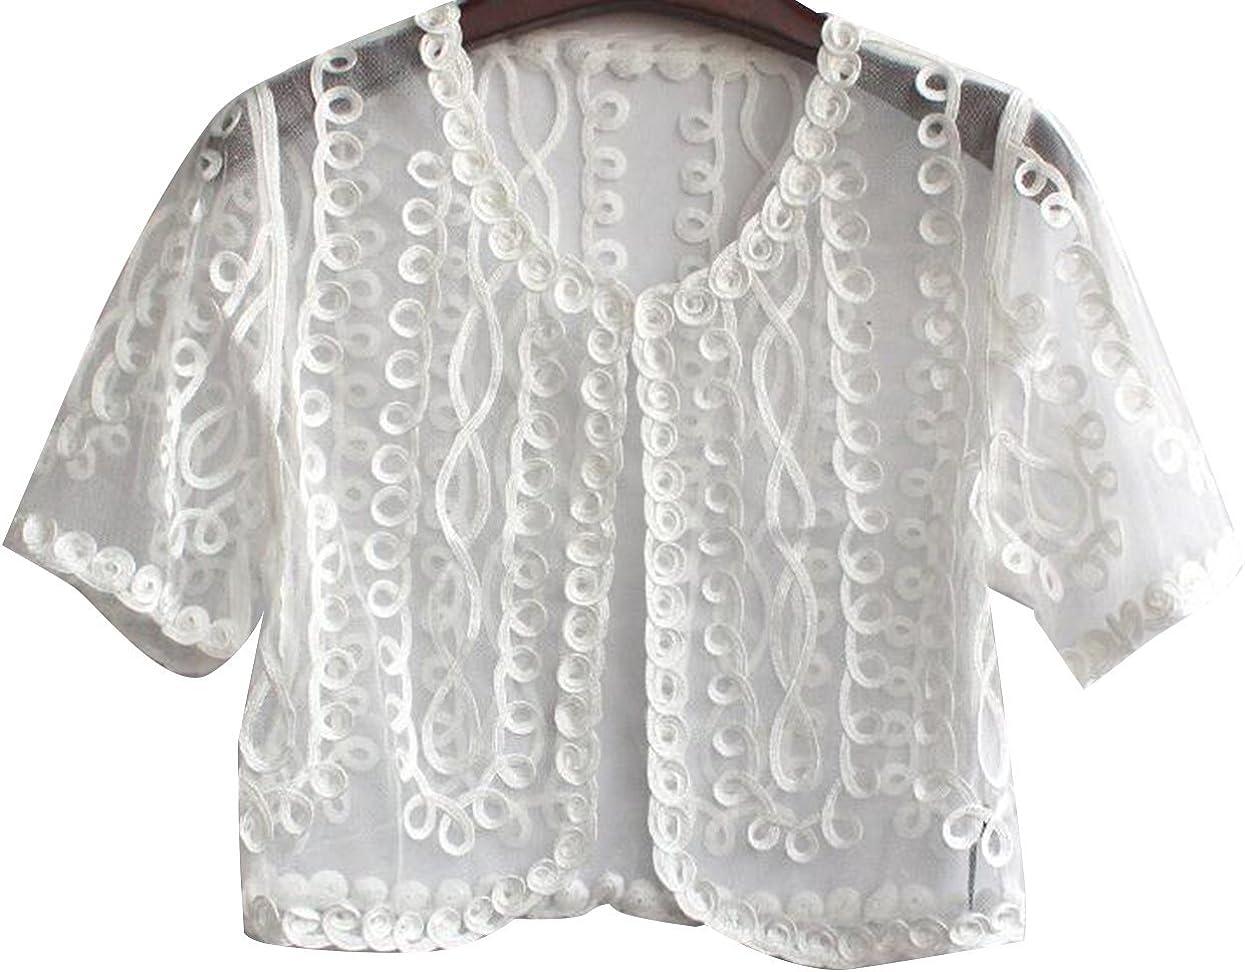 Retro Short Bolero Shrug Coat Lace Shrug Cardigan Beach Shawl